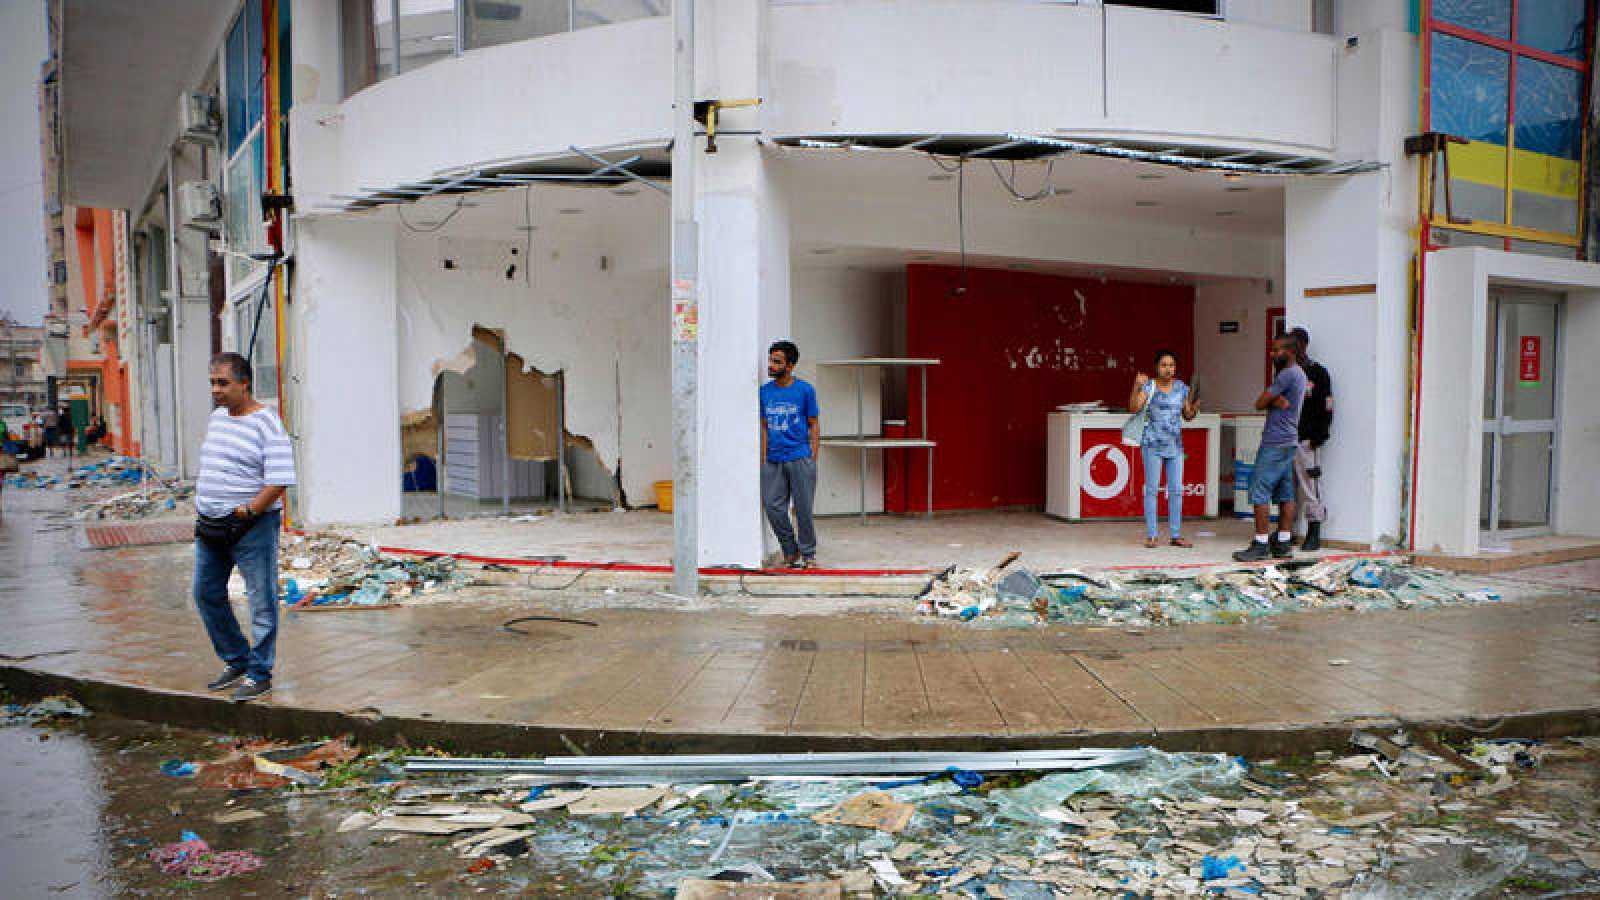 Residentes y comerciantes, en medio de la destrucción provocada por el paso del ciclón Idai en Beira, Mozambique